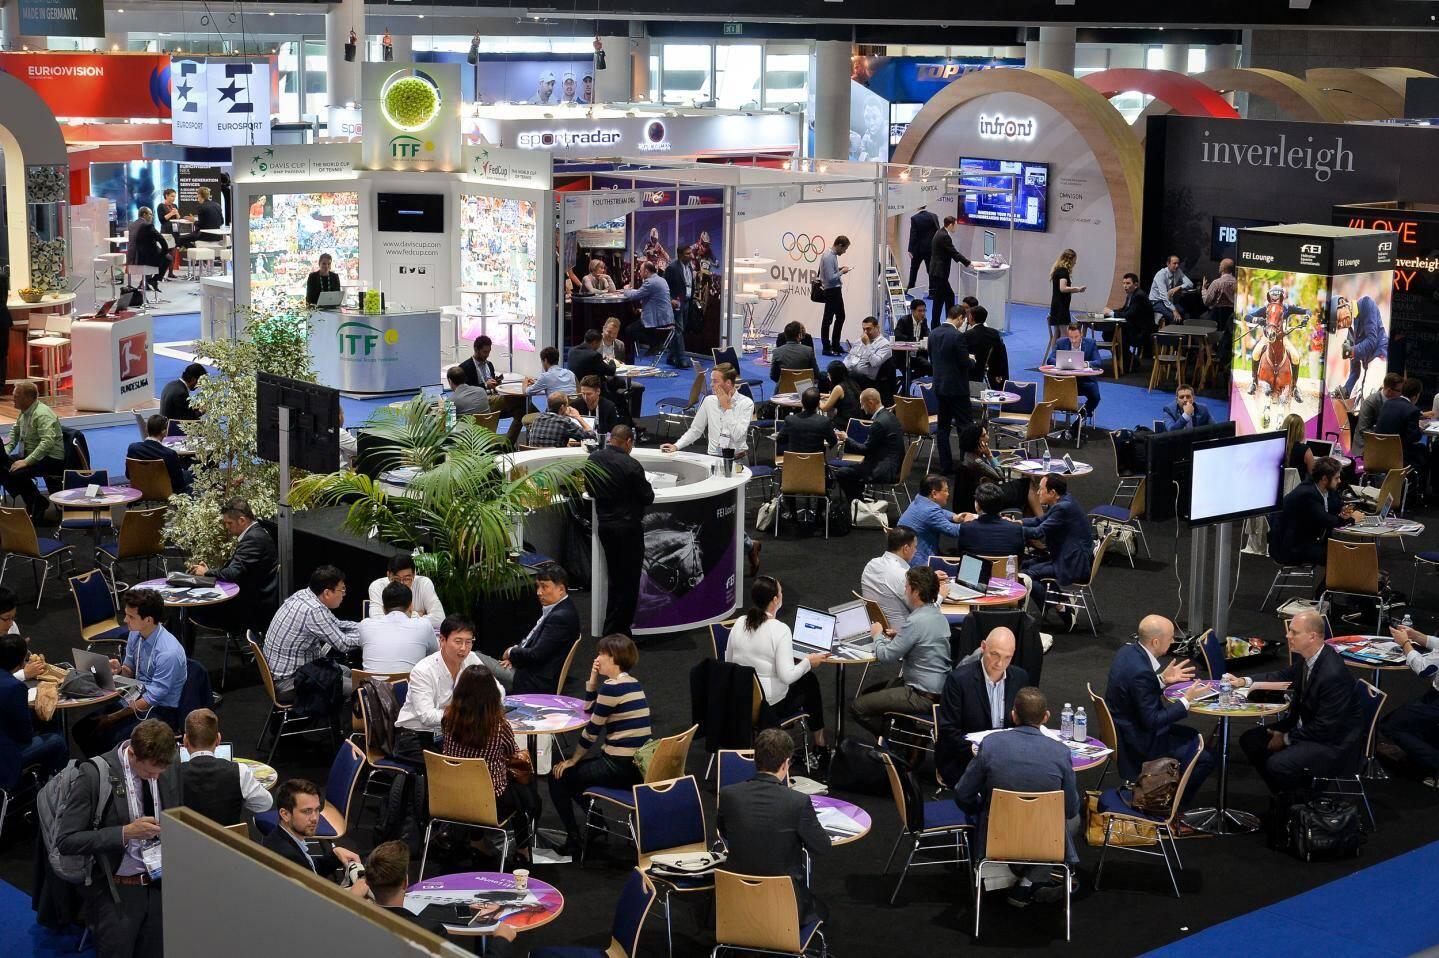 Les événements professionnels, comme ici le Sportel, constituent l'essentiel de l'activité du Grimaldi Forum.